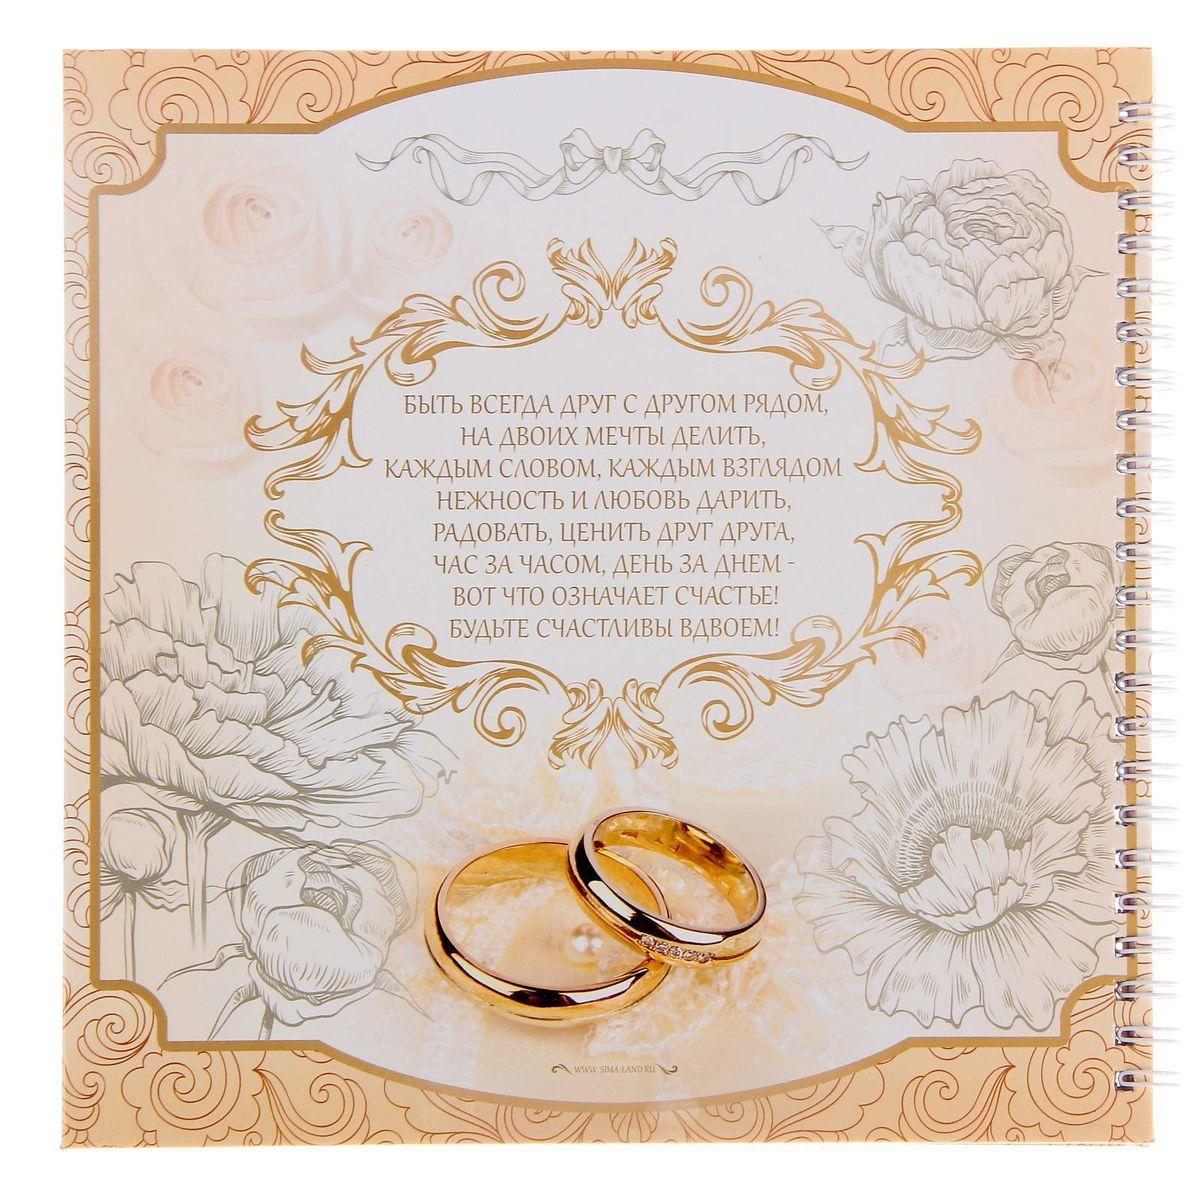 Поздравление с днем свадьбы монологи